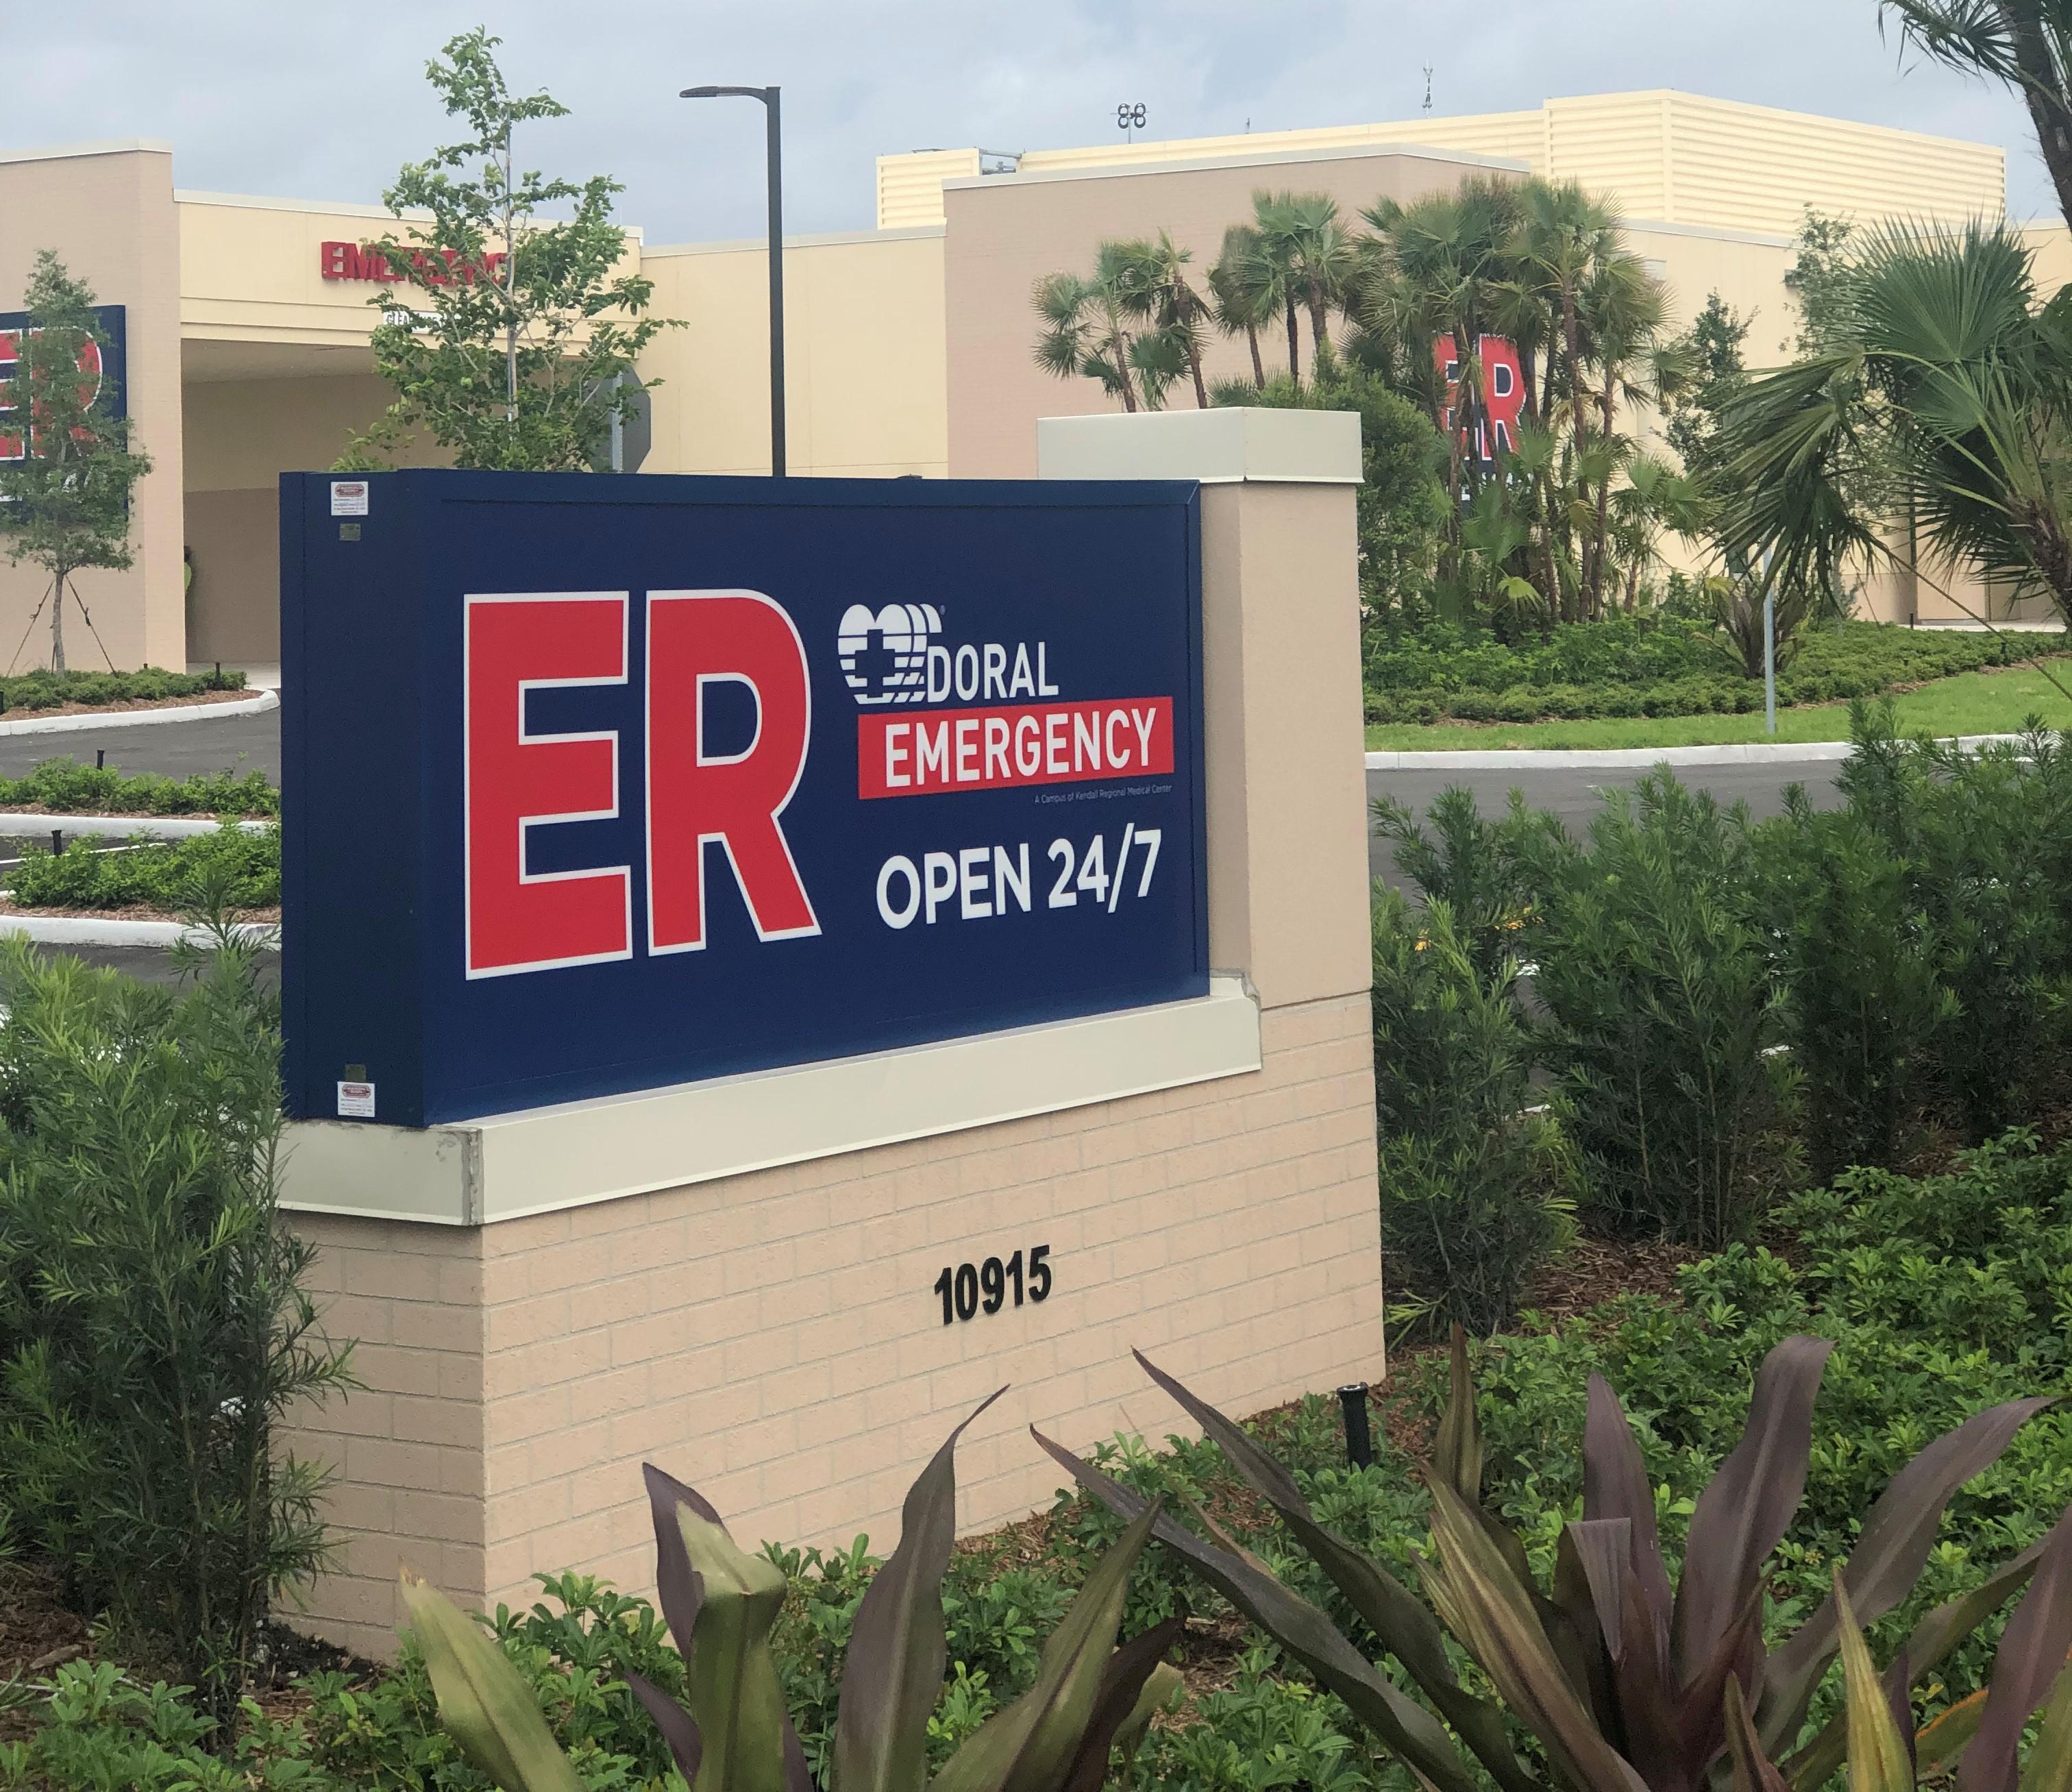 Doral Emergency Room image 1